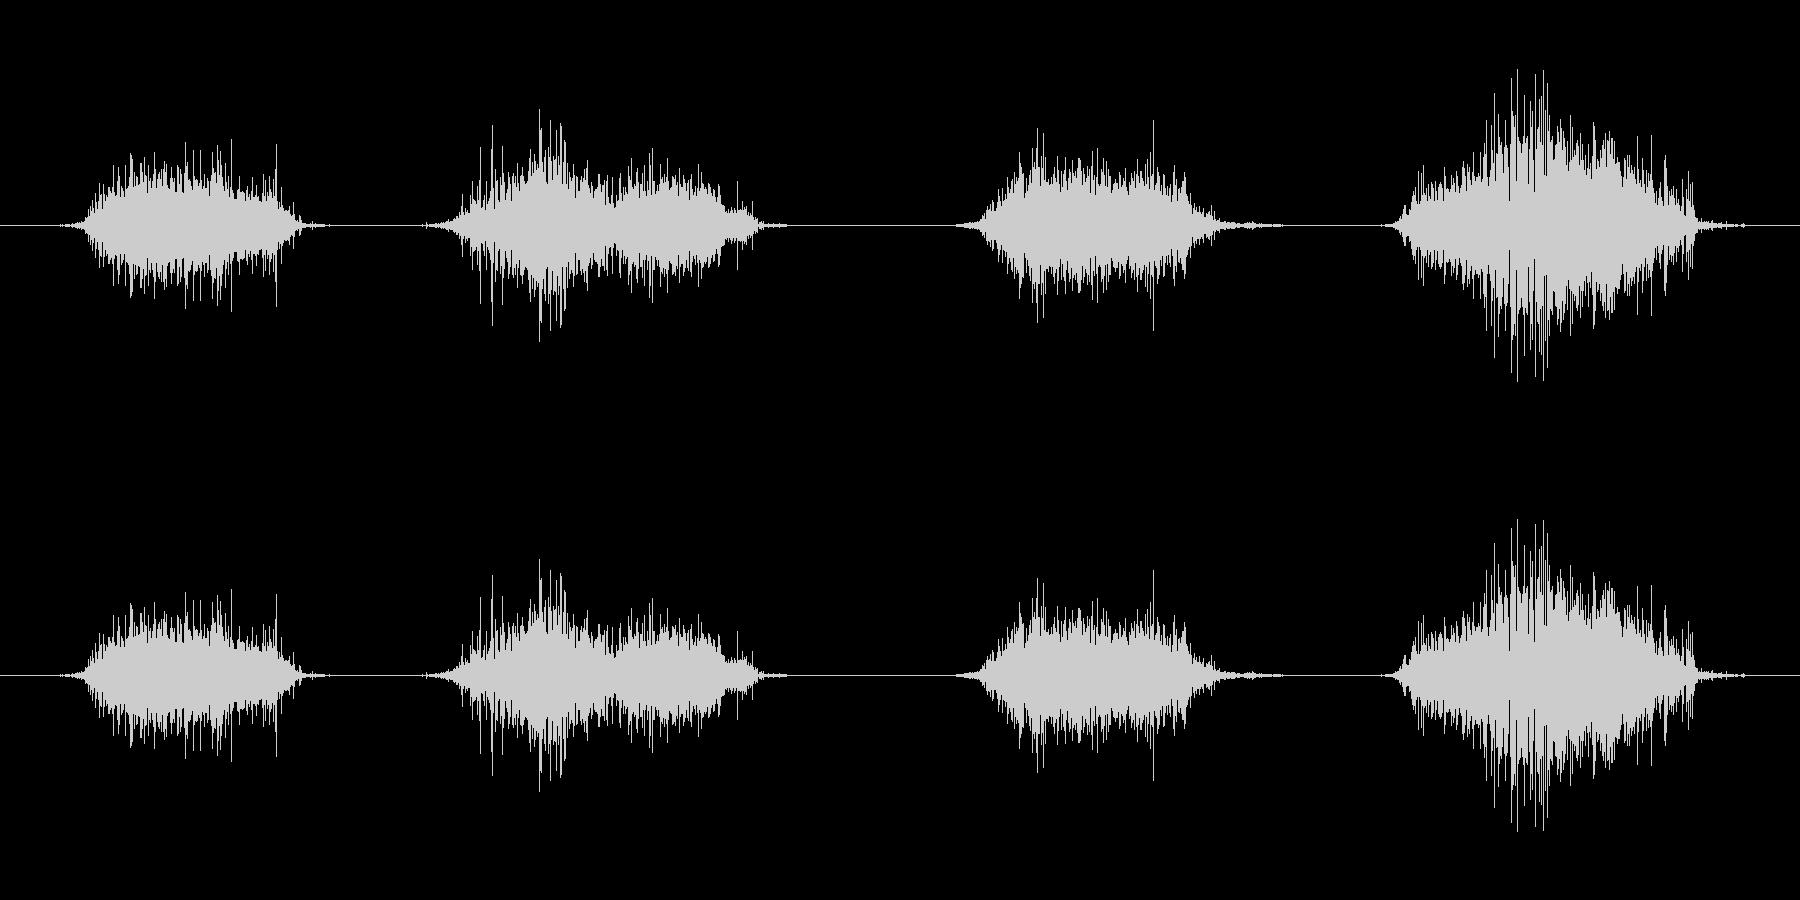 ずるずる這いずる音 モンスター の未再生の波形